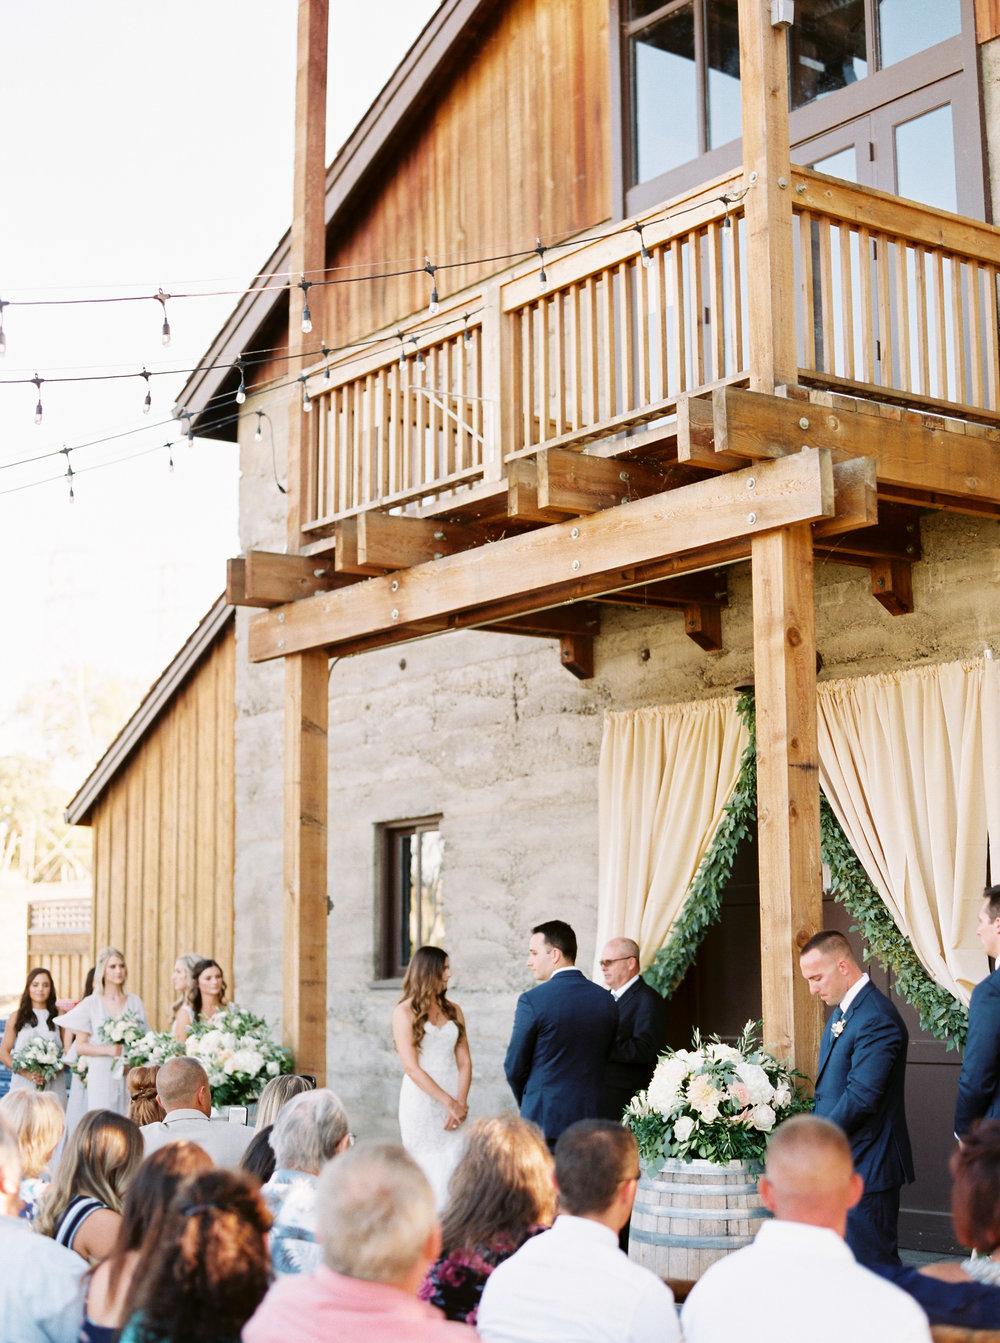 muriettas-well-wedding-in-livermore-california-85.jpg